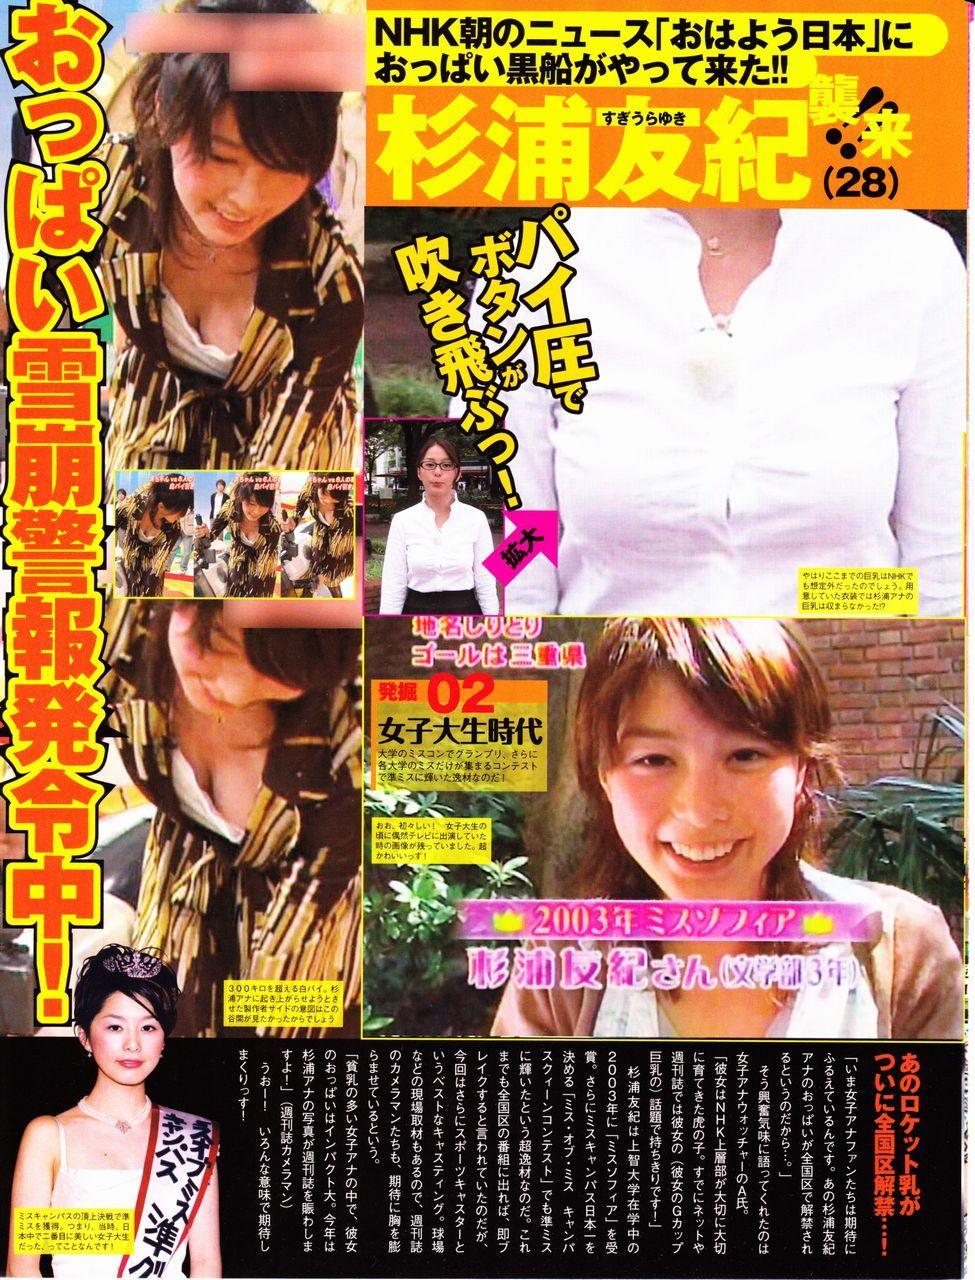 NHKの女子アナ・杉浦友紀のおっぱいを特集した雑誌記事「NHK朝のニュースにおっぱい黒船がやってきた!!」